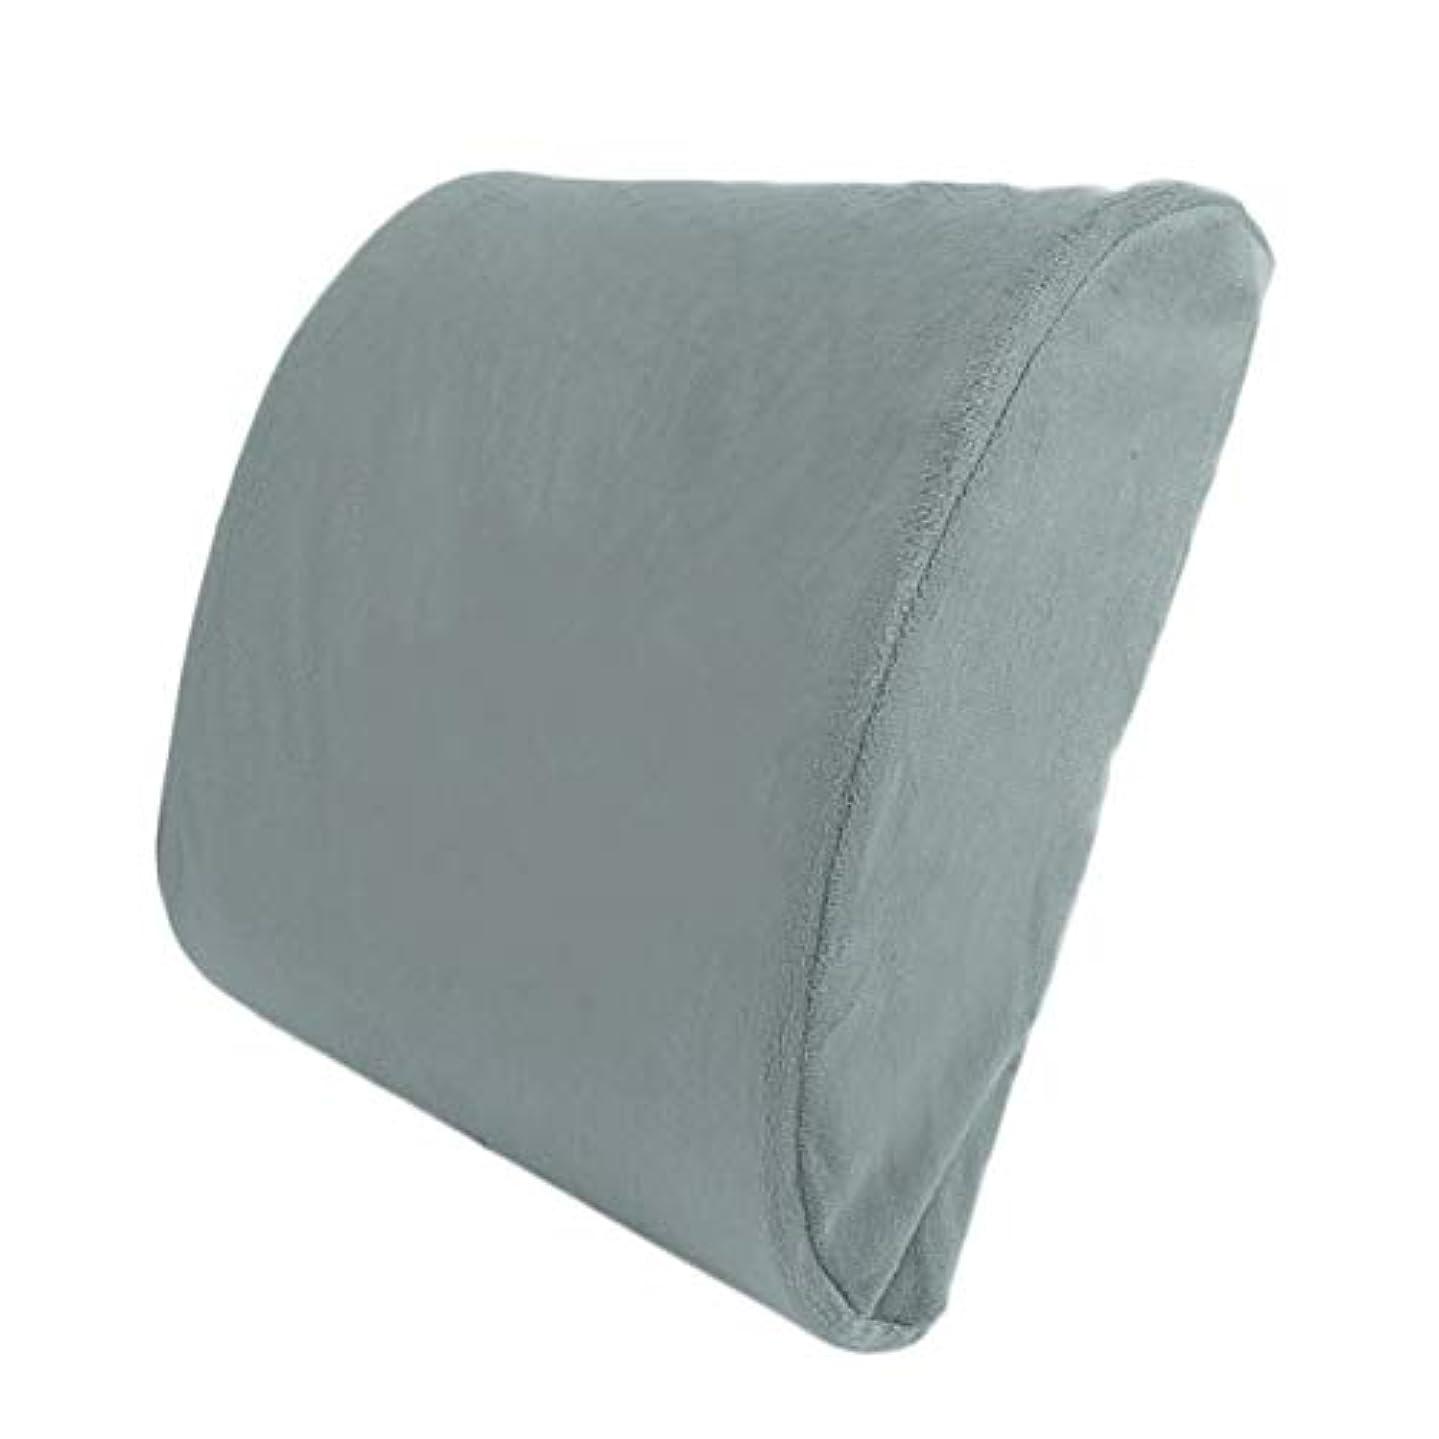 ピストルセージ武装解除Saikogoods ソフトスローリバウンドメモリ通気ヘルスケア腰椎クッションバックウエストのサポート枕シート枕ホームオフィス グレー